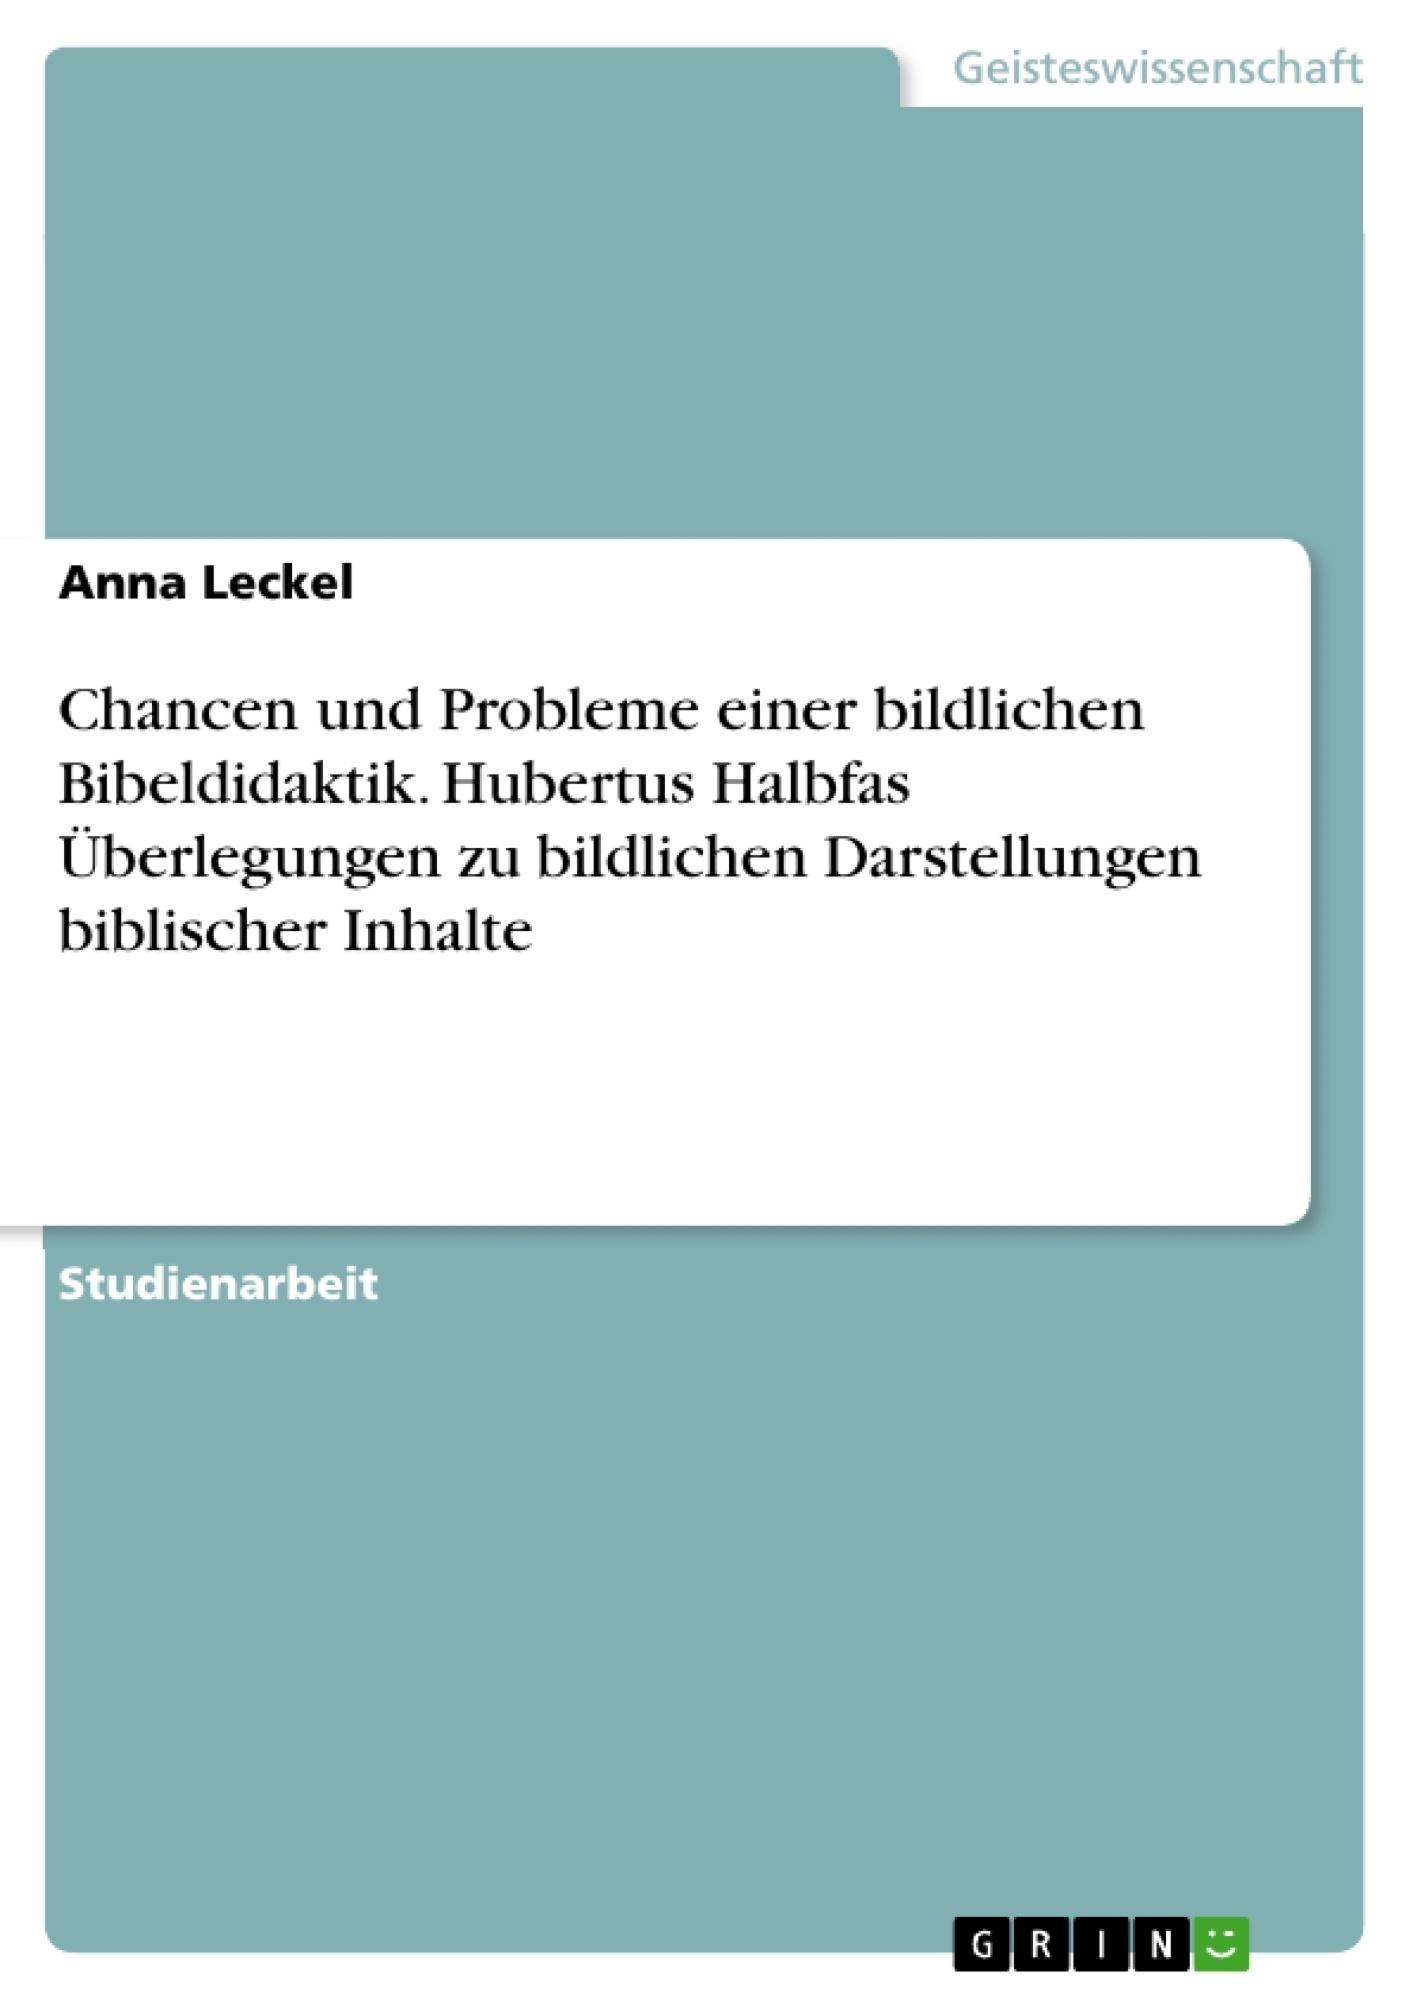 Titel: Chancen und Probleme einer bildlichen Bibeldidaktik. Hubertus Halbfas Überlegungen zu bildlichen Darstellungen biblischer Inhalte